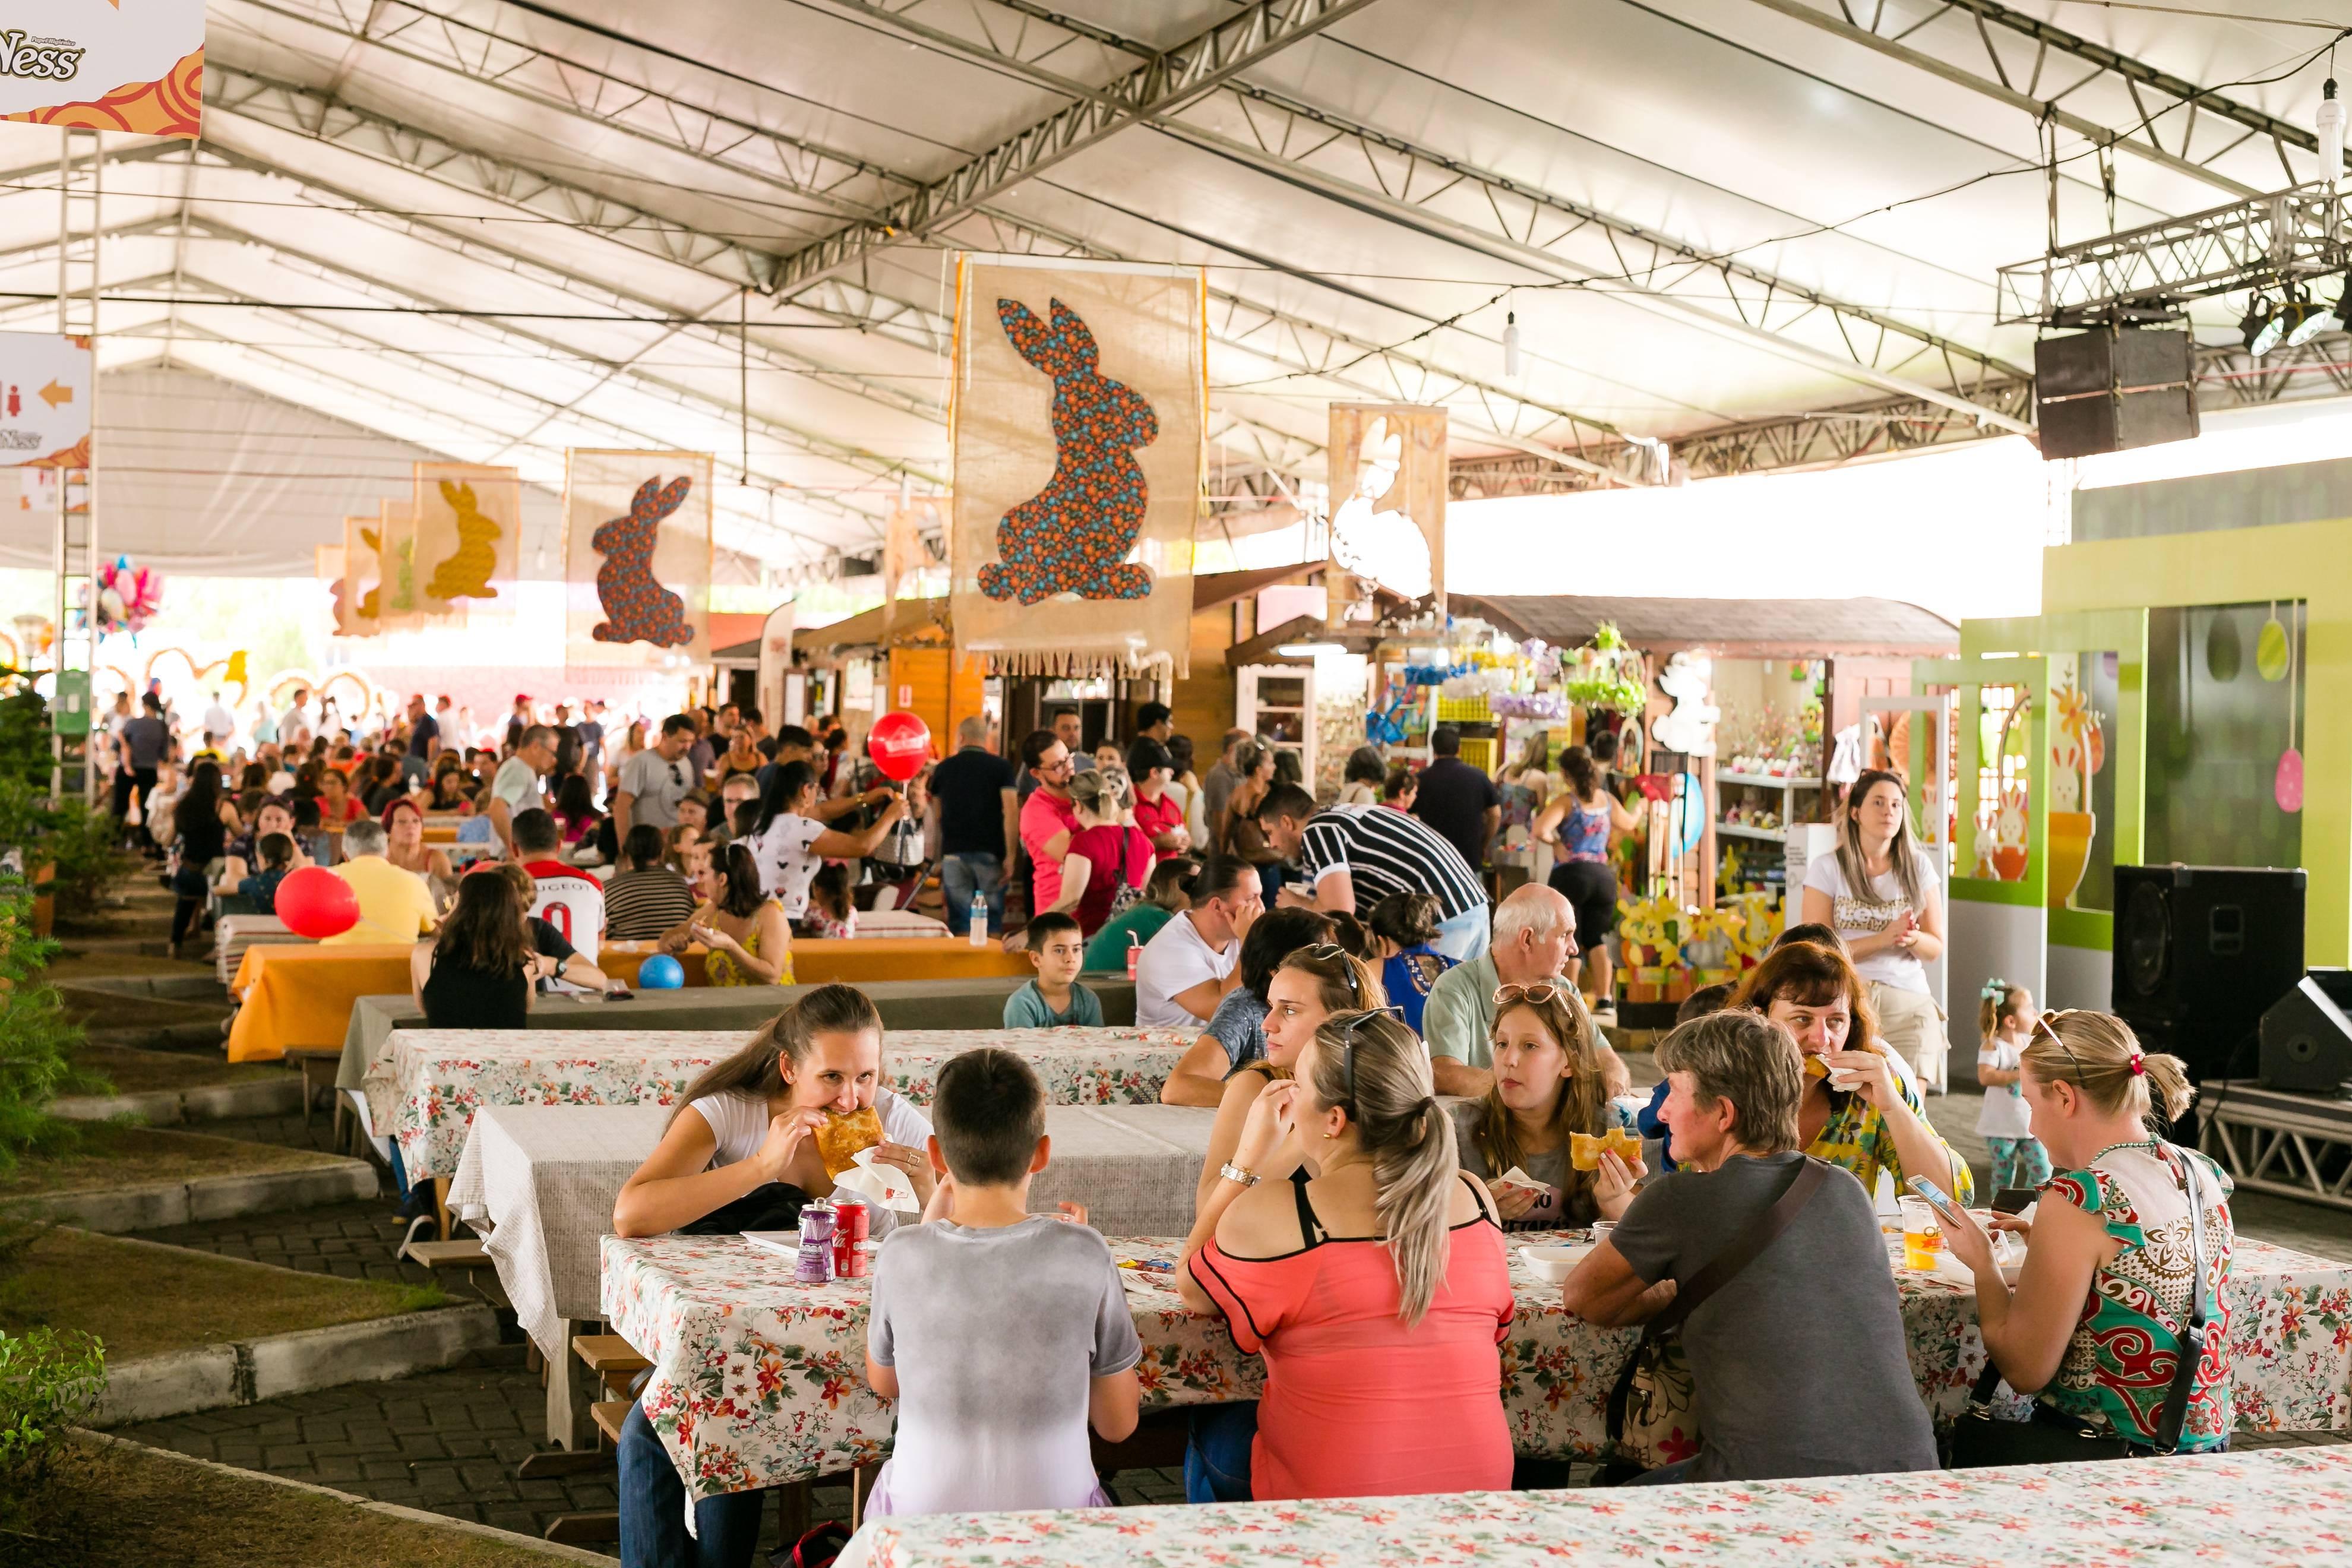 Tenda da Festa da Páscoa tem barraquinhas com pratos a partir de R$ 8. Foto: Daniel Zimmermann/Divulgação